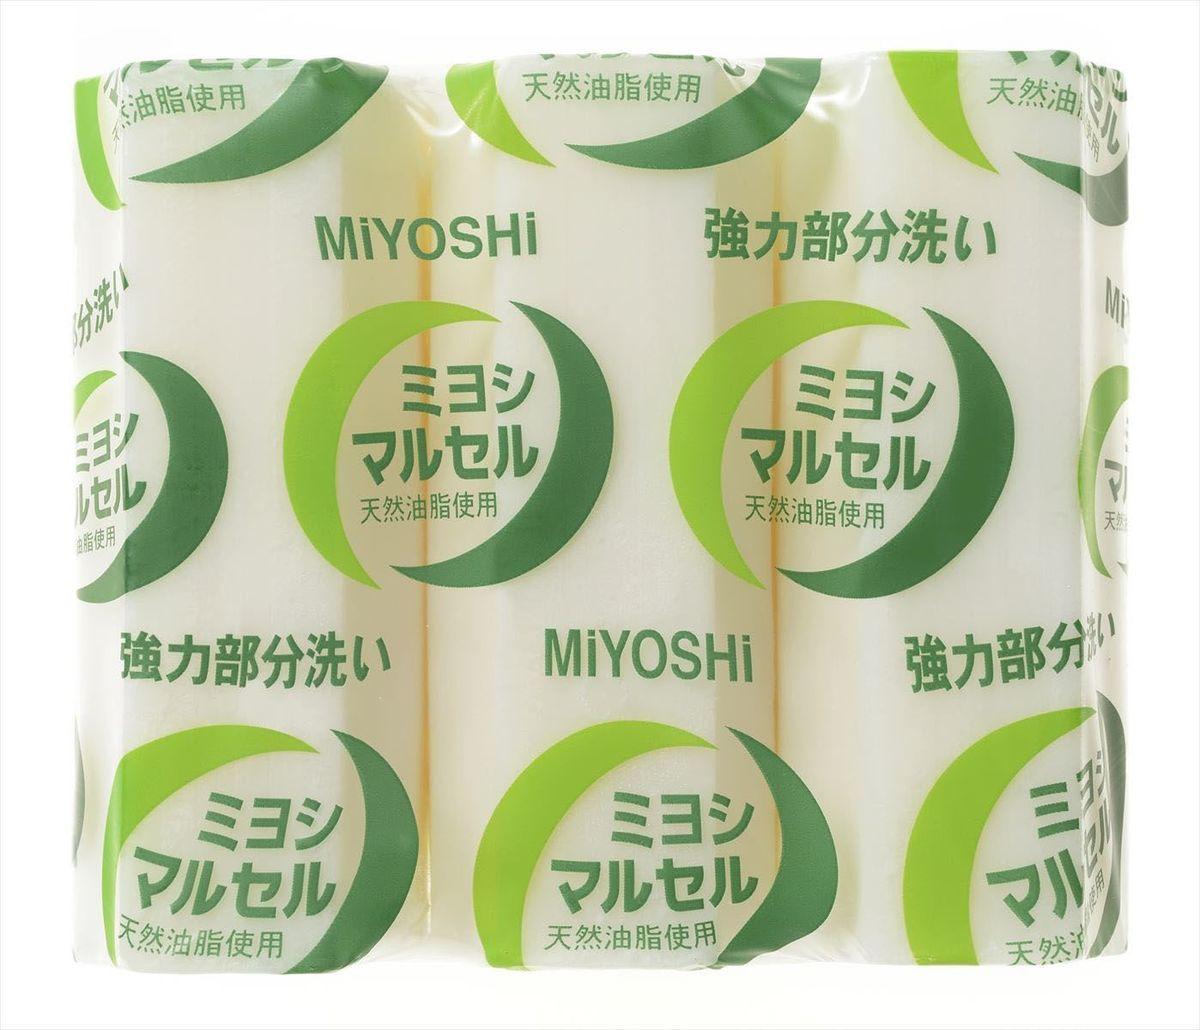 Мыло для стирки Miyoshi Miyosh, для точечного застирывания стойких загрязнений. 100660S03301004Мыло предназначено специально для точечного застирывания стойких загрязнений. Отличается высокими отстирывающими свойствами, удаляет стойкие запахи, следы желтизны за счет наличия в составе щелочных компонентов (солей кремниевой кислоты), легко справляется с такими загрязнениями, как грязь, жир, машинное масло. Твердое, без красителей, со слабо выраженным ароматом. Меры предосторожности: Используйте строго по назначению. Не для стирки шелка и шерсти. Людям с повышенной чувствительностью кожи, а также при длительном контакте кожи рук с водой рекомендуется использовать резиновые перчатки. Избегайте попадания в глаза мыльного раствора, при попадании немедленно промойте глаза водой. После использования храните мыло в сухом месте.Состав: чистая (без примесей) мыльная основа (натриевая соль с содержанием жирных кислот 78%), щелочные компоненты (силикаты).